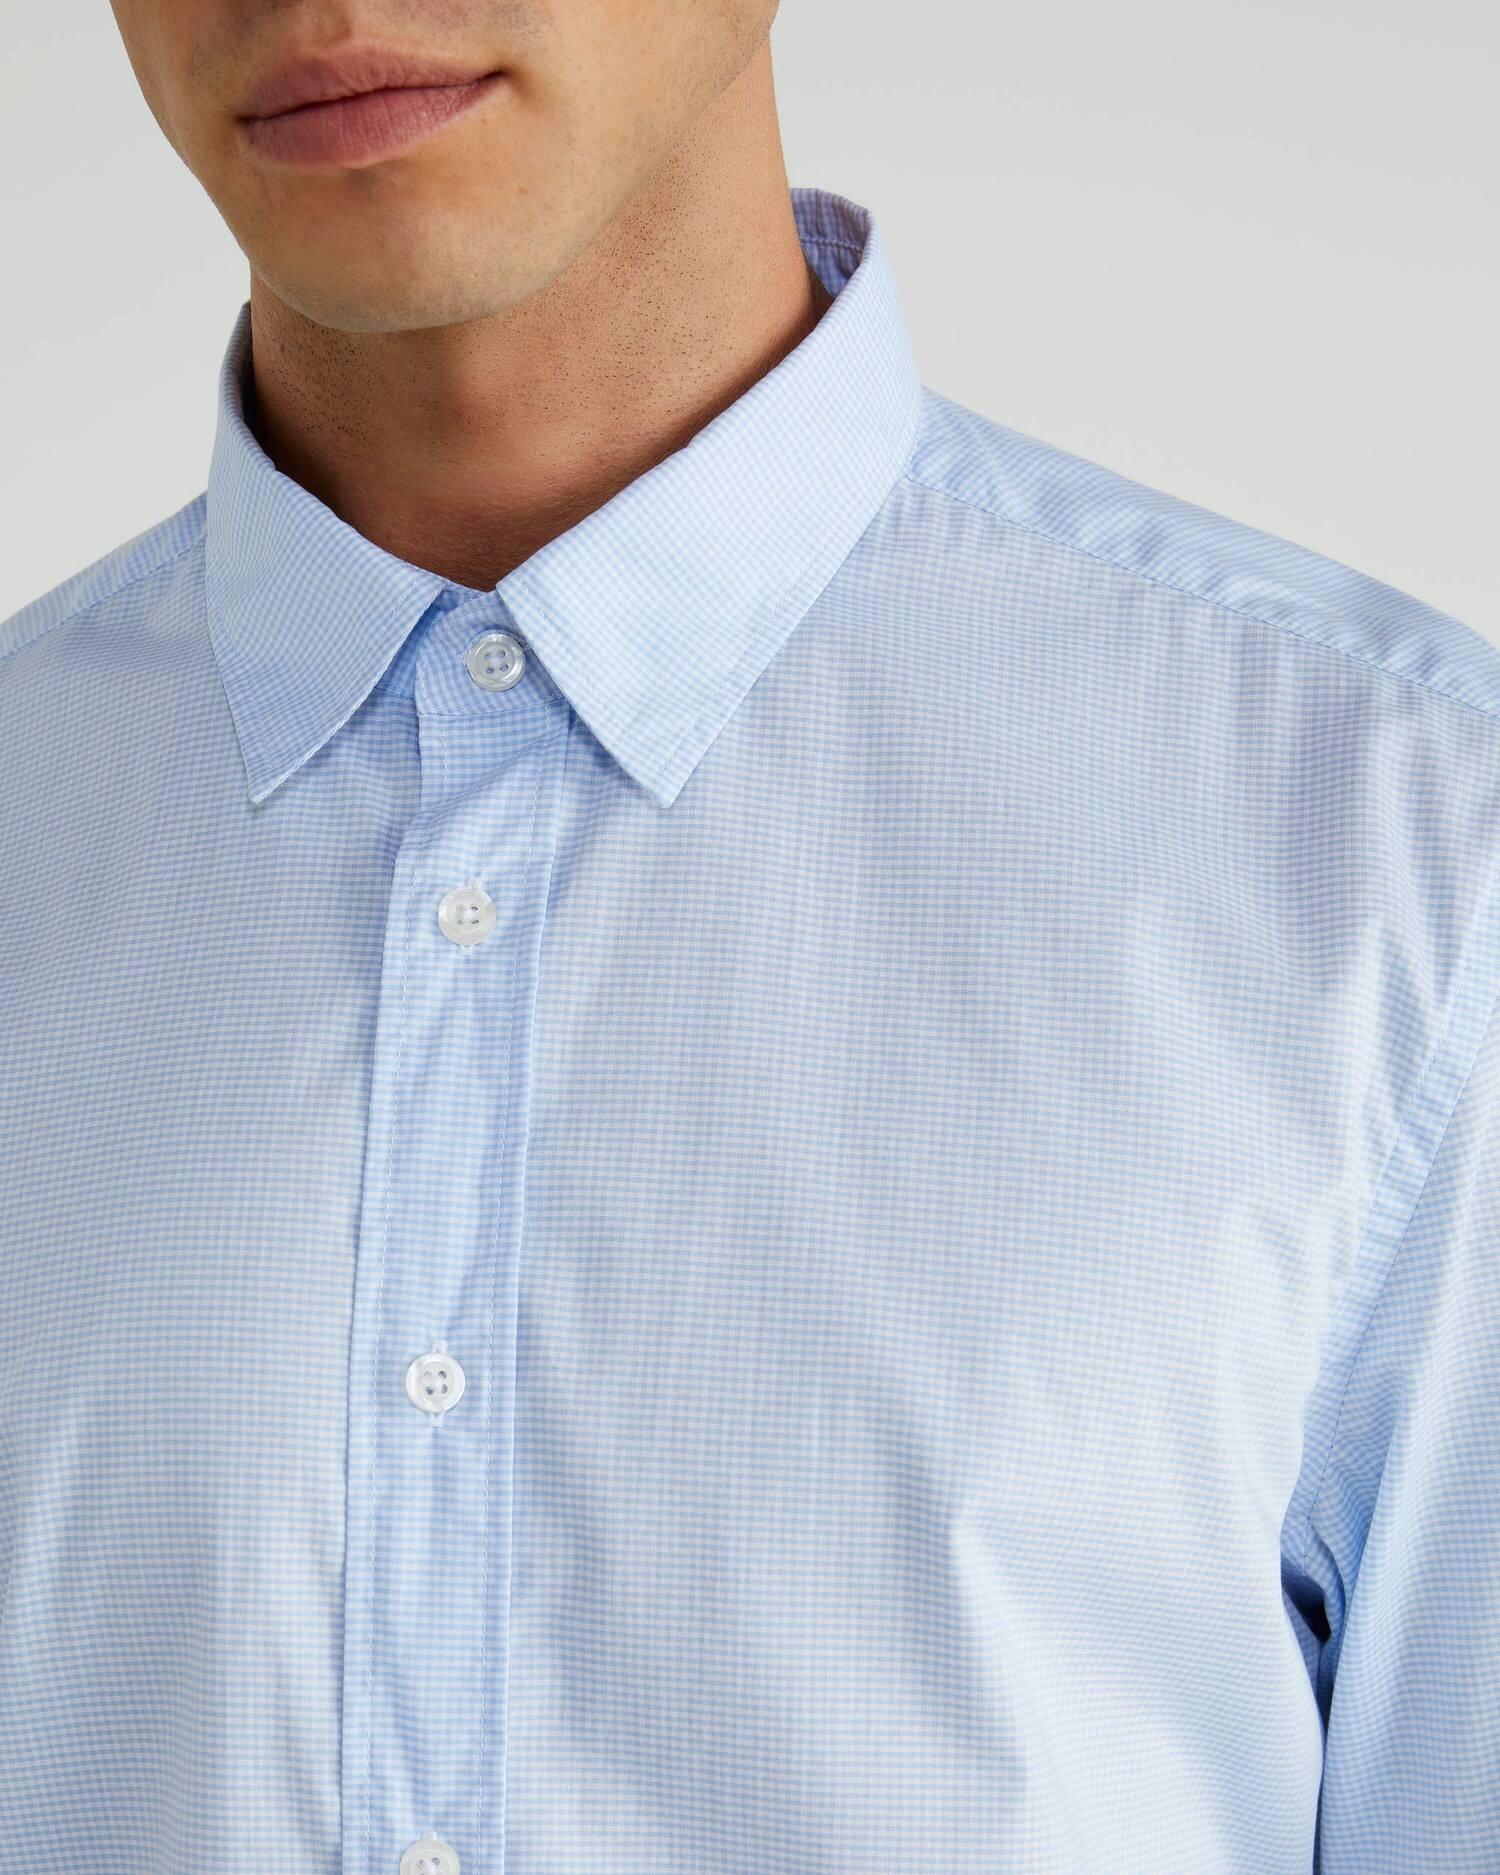 Regular Fit Koton Gömlek